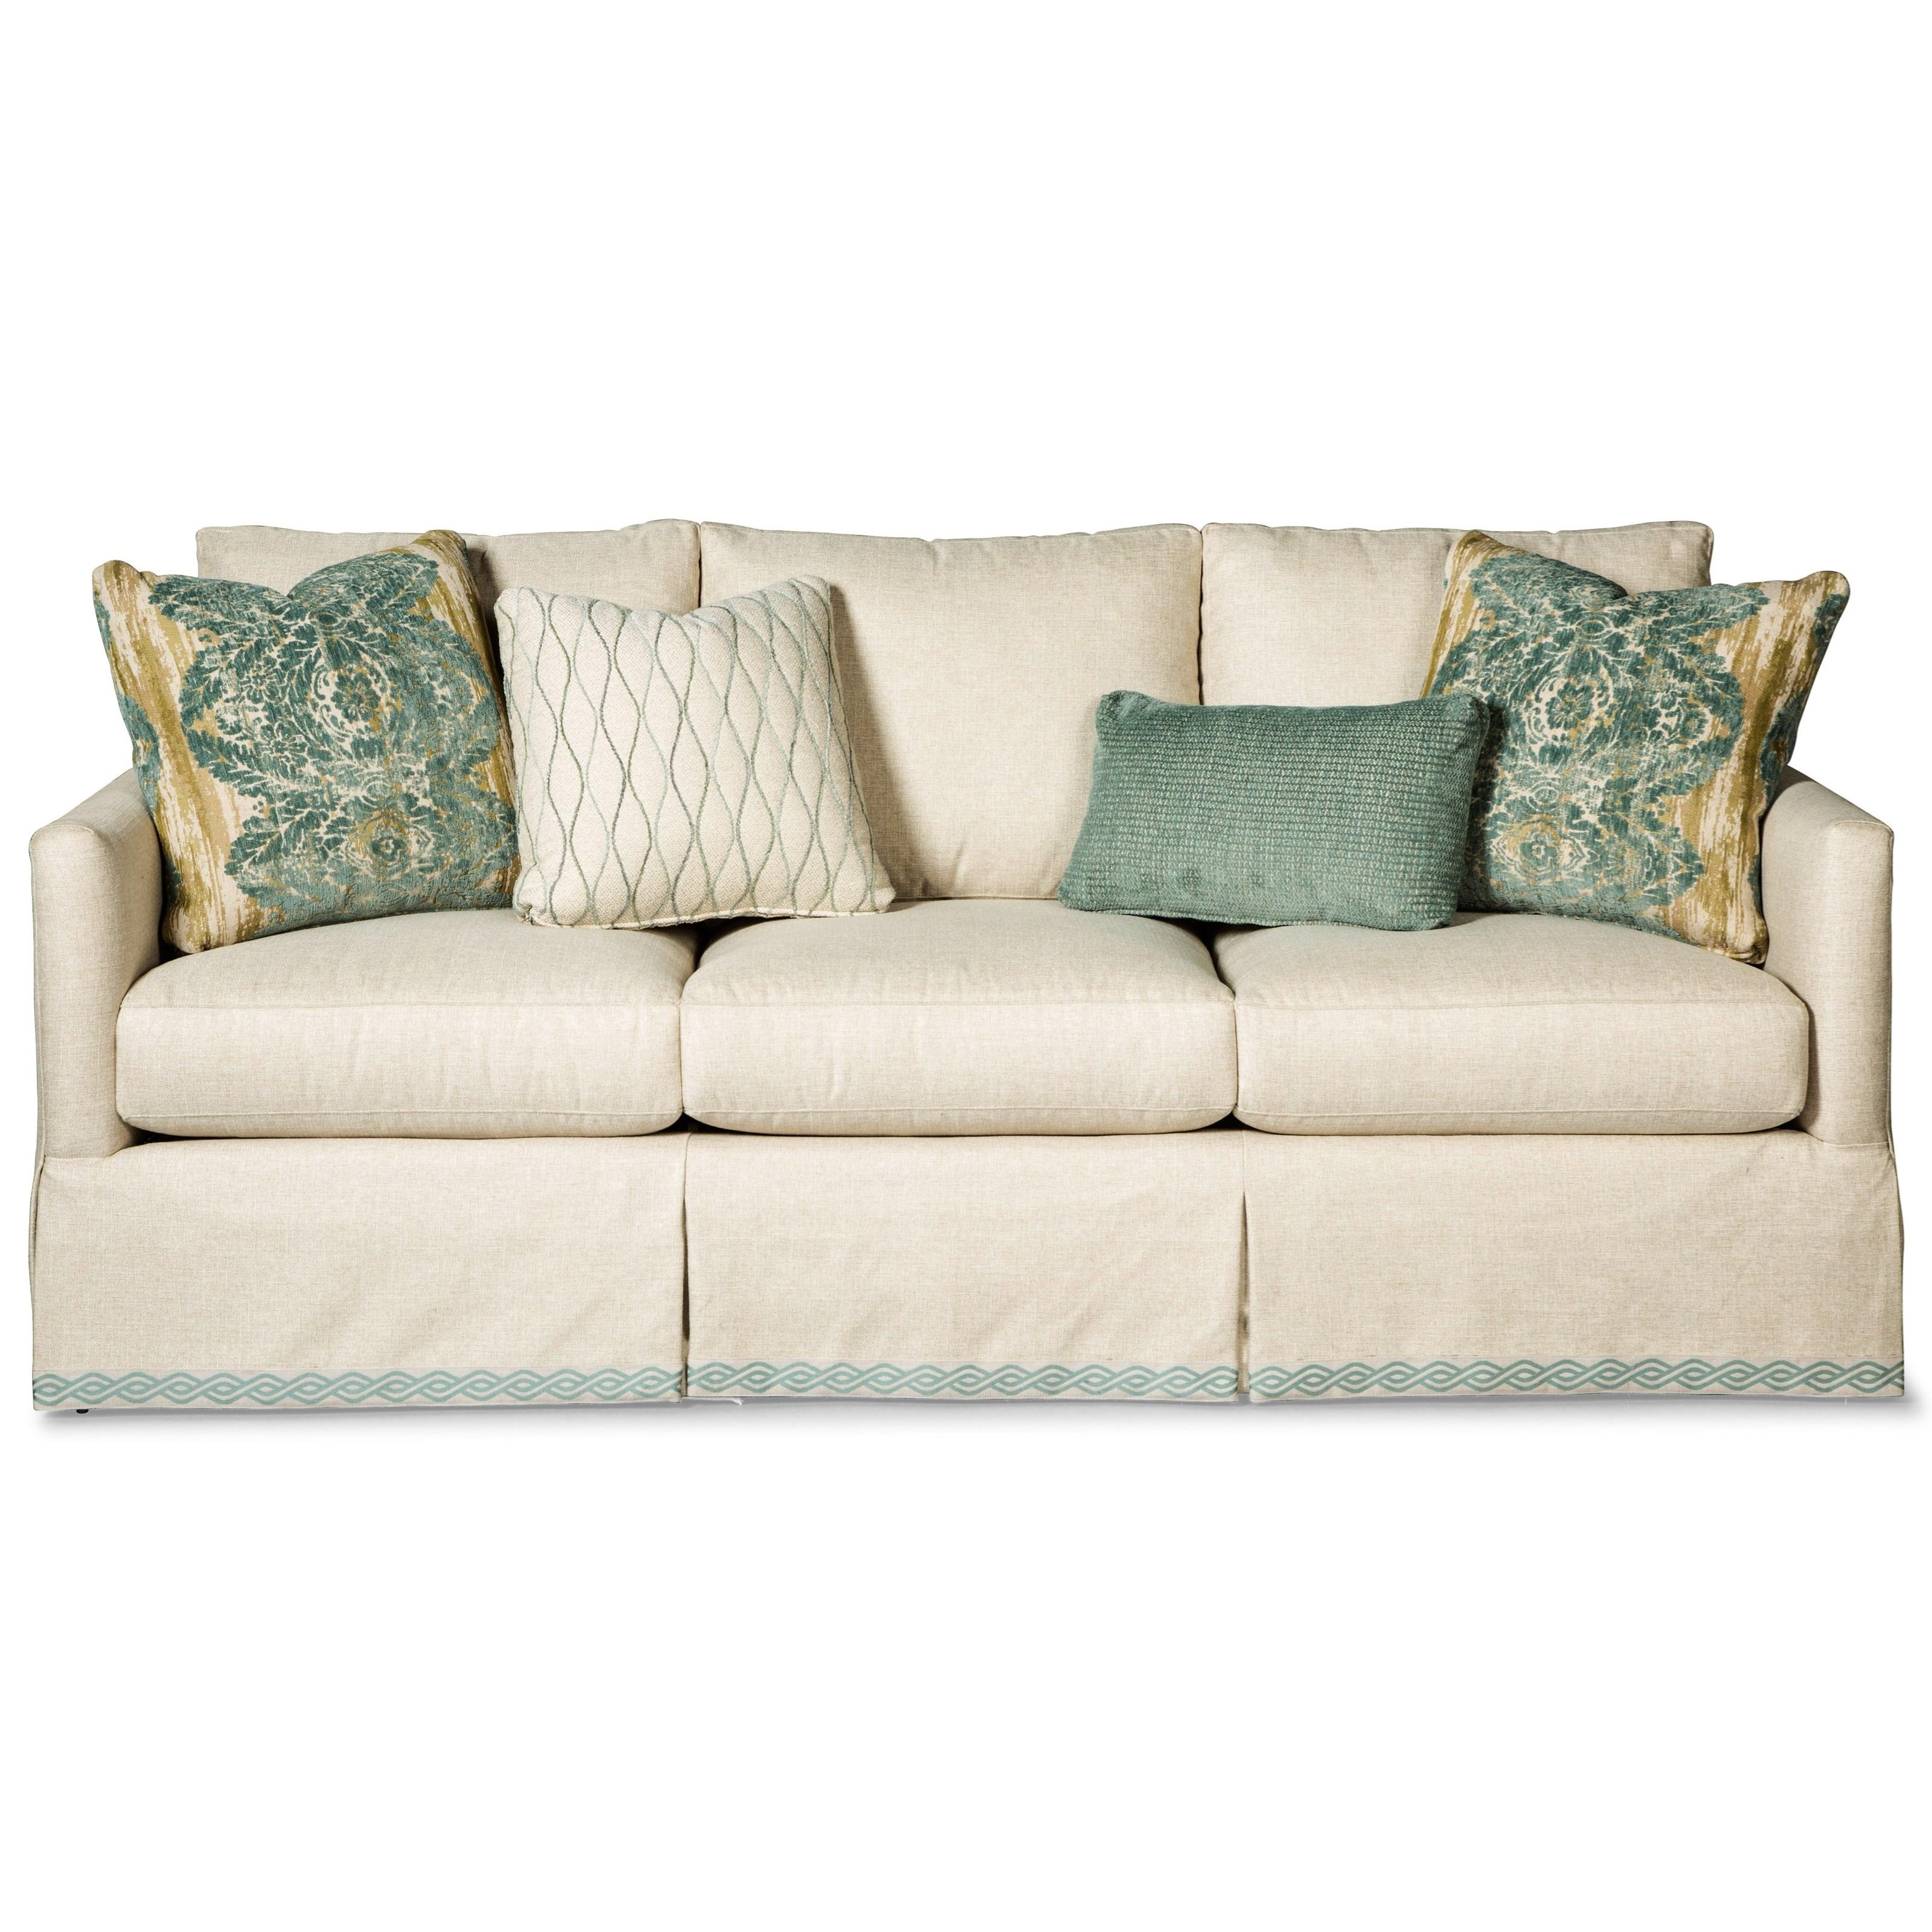 england sofa sleeper reviews ebay sofas for sale birmingham skirted gigi - thesofa